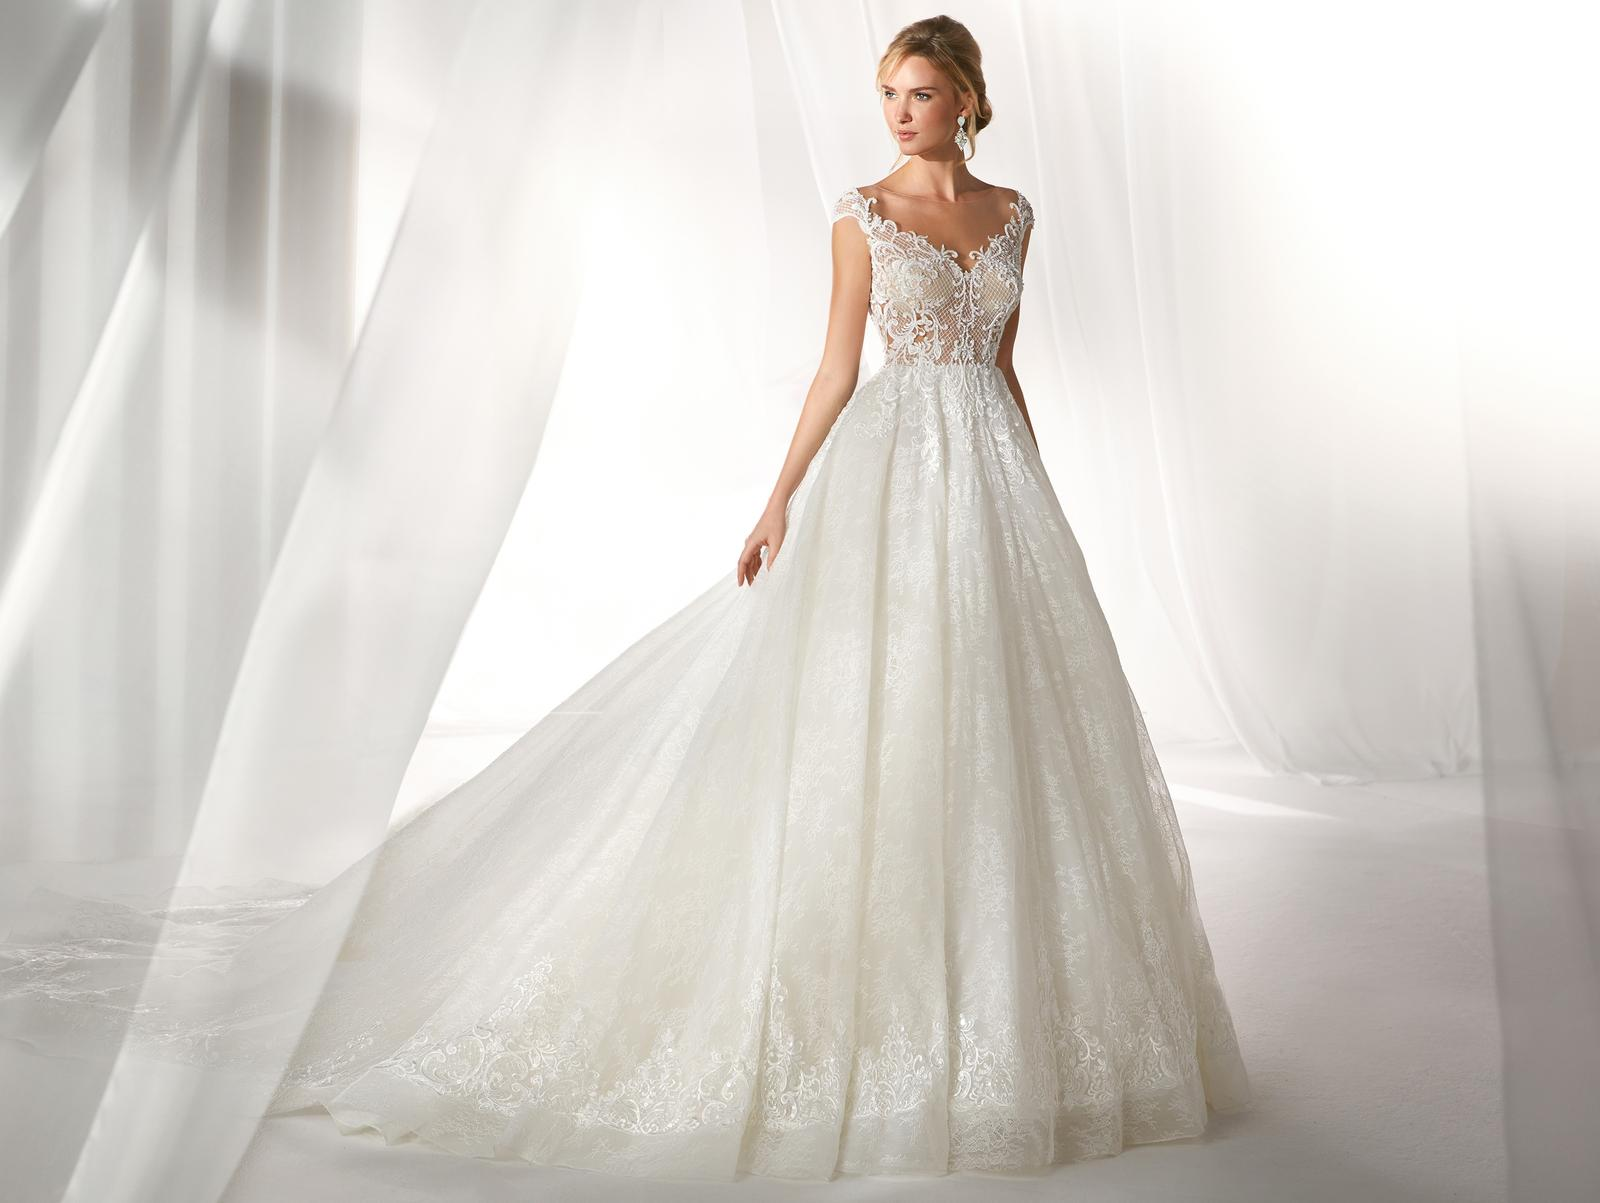 Svadobné šaty z kolekcií na rok 2019 - Obrázok č. 84